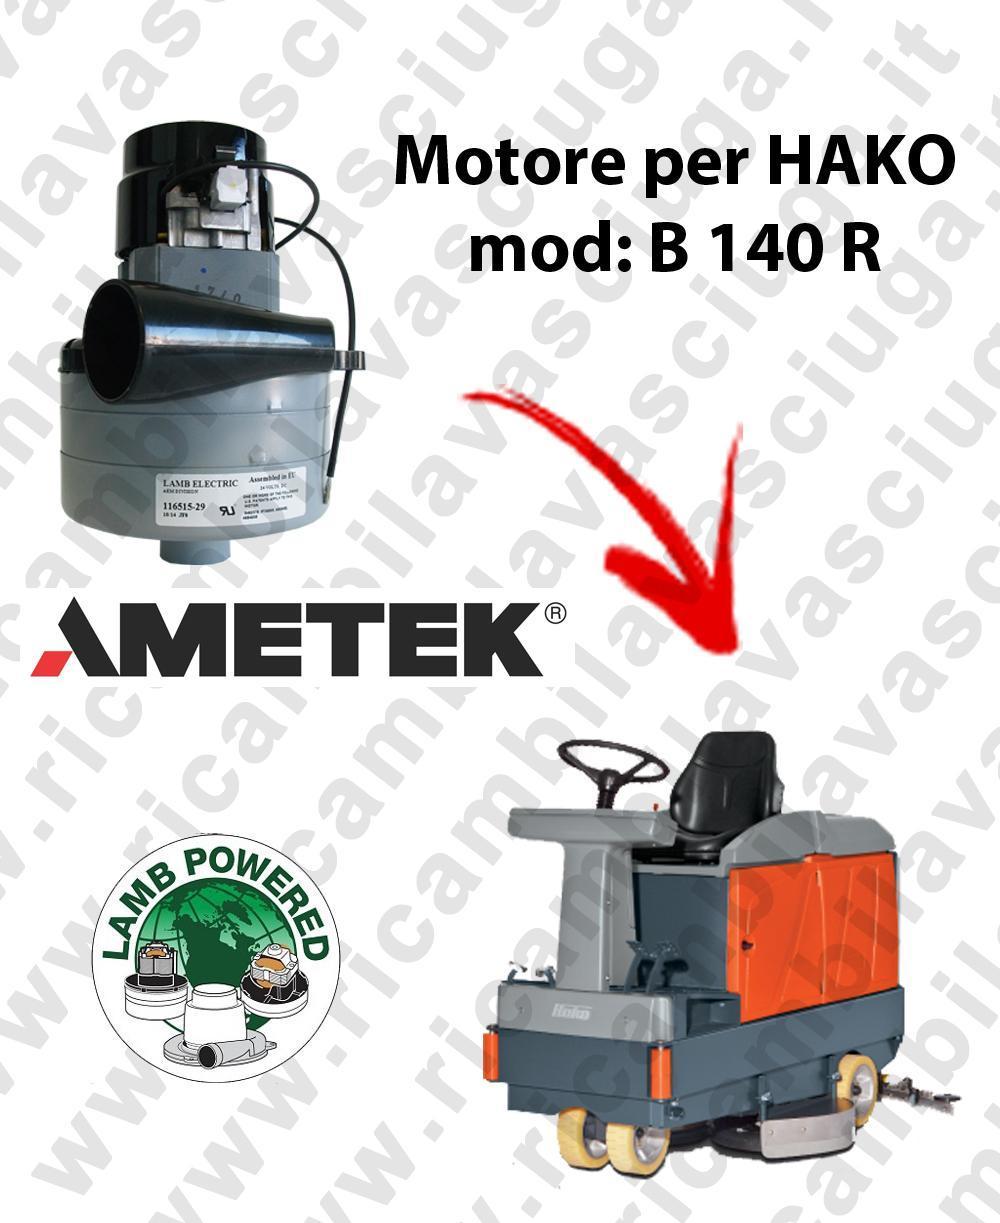 B 140 R LAMB AMETEK vacuum motor for scrubber dryer HAKO